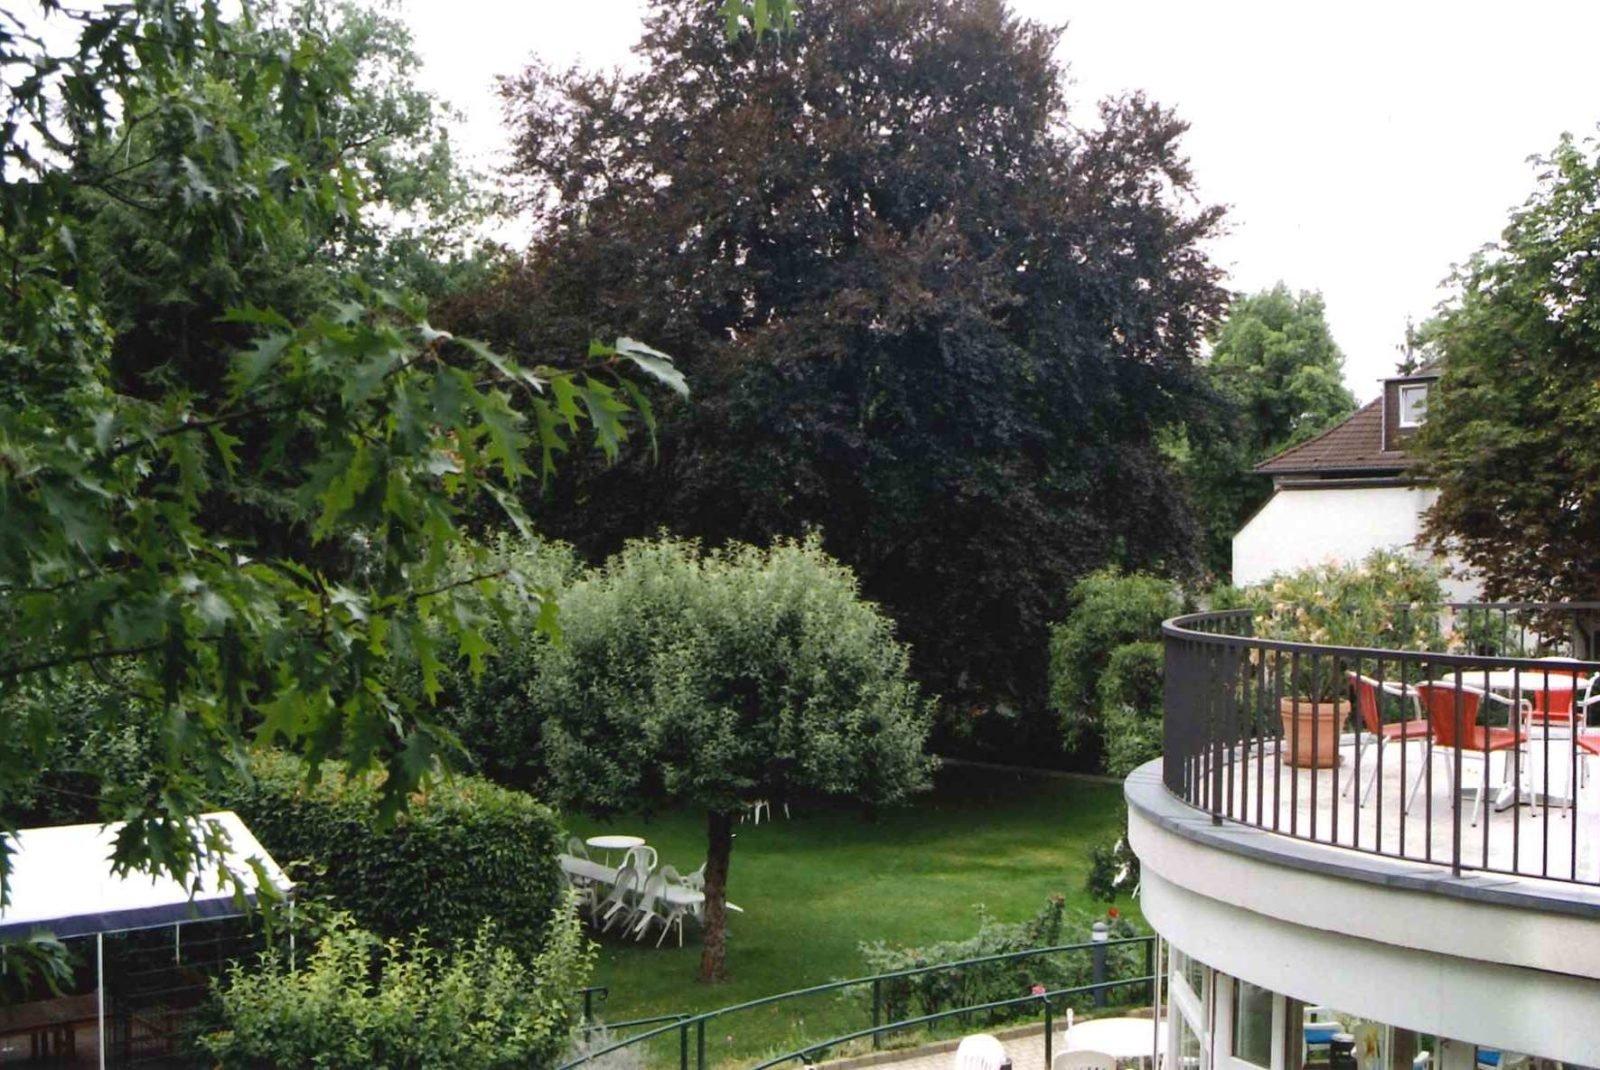 Blick auf die Bäume im Garten der Villa Donnersmarck